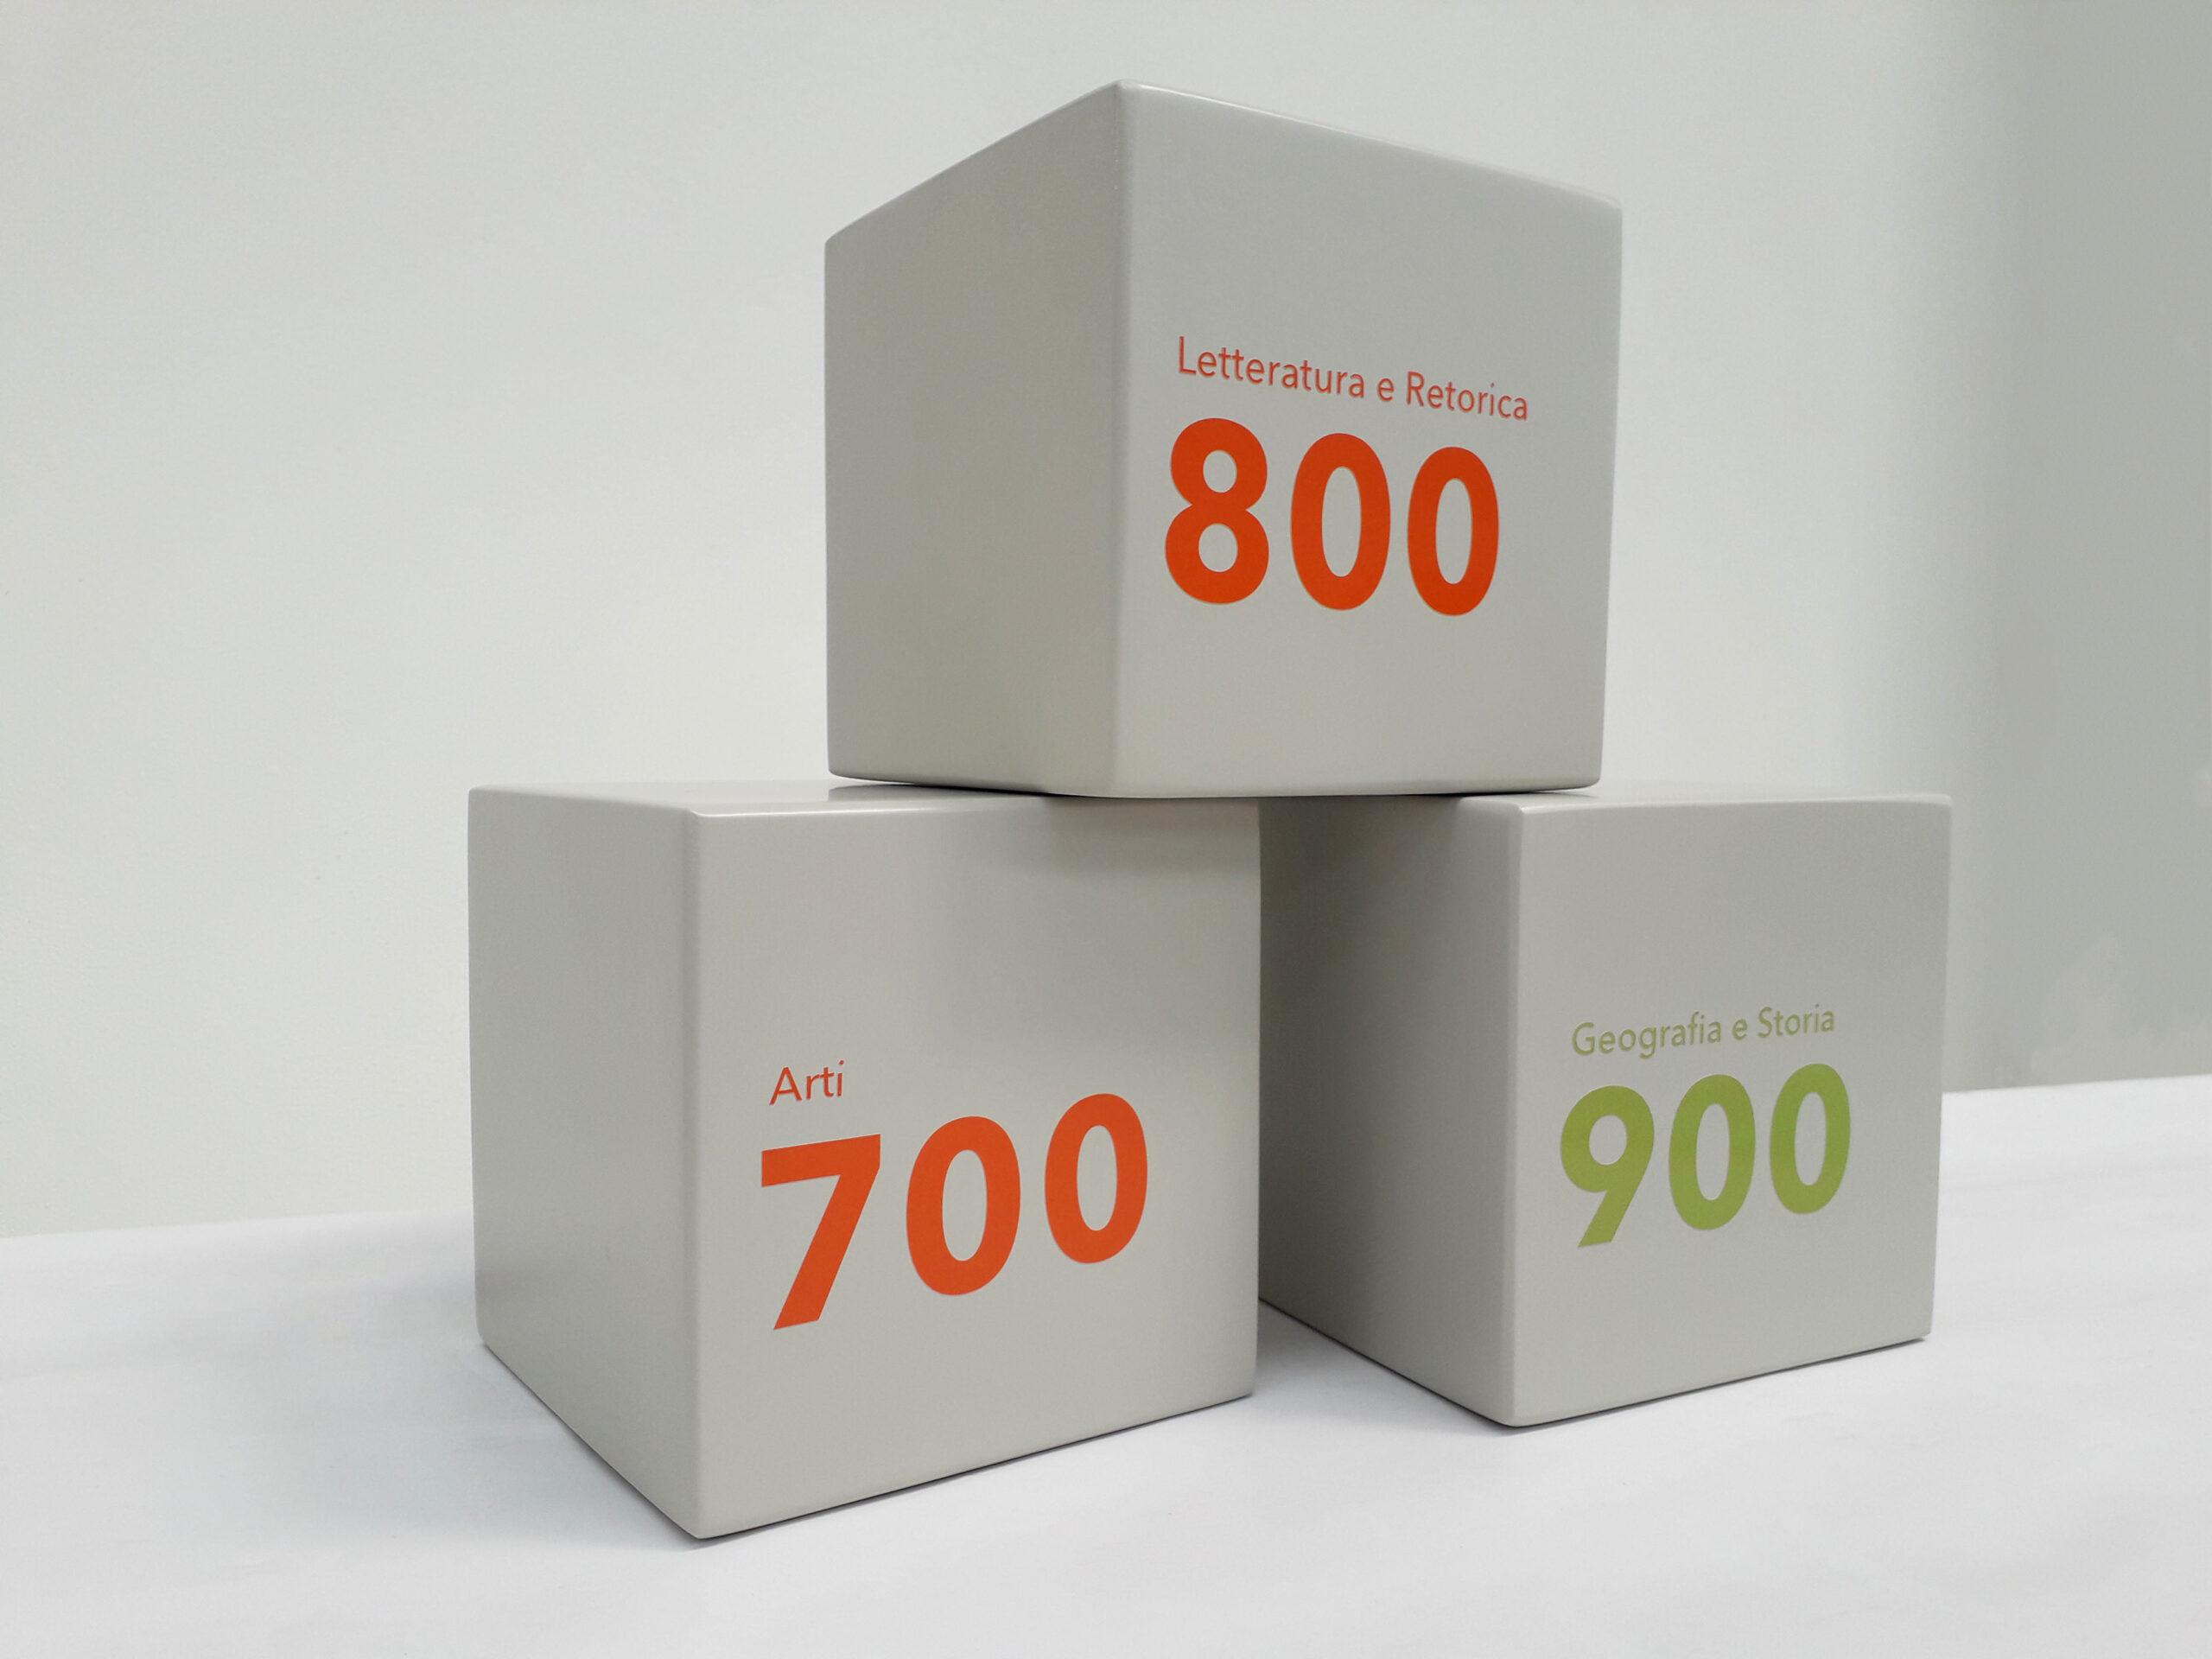 Cubi laccati in legno stampati